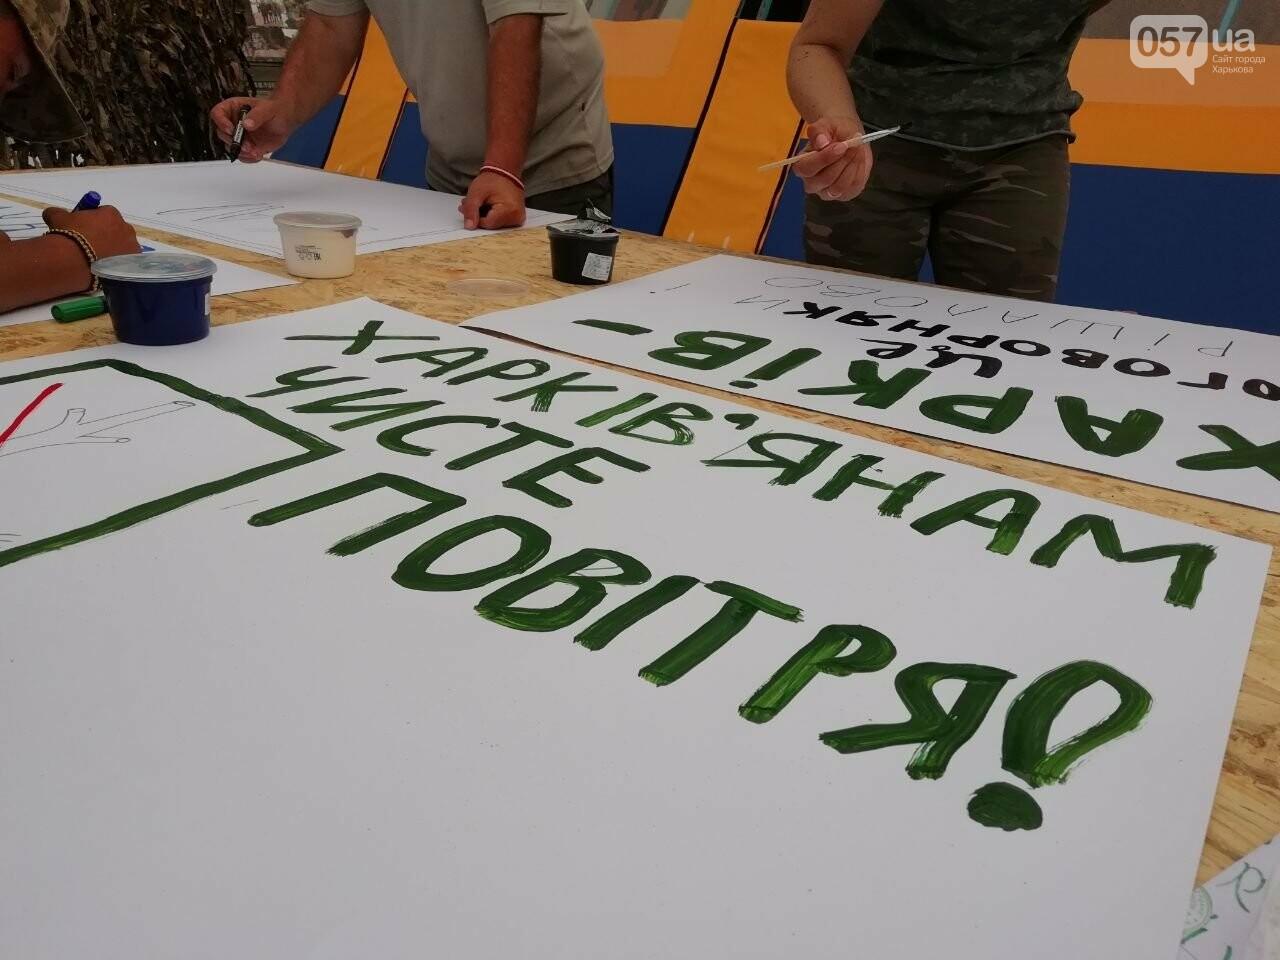 Нарисуй претензию к Кернесу: на площади Свободы организовали акцию, - ФОТО, фото-1